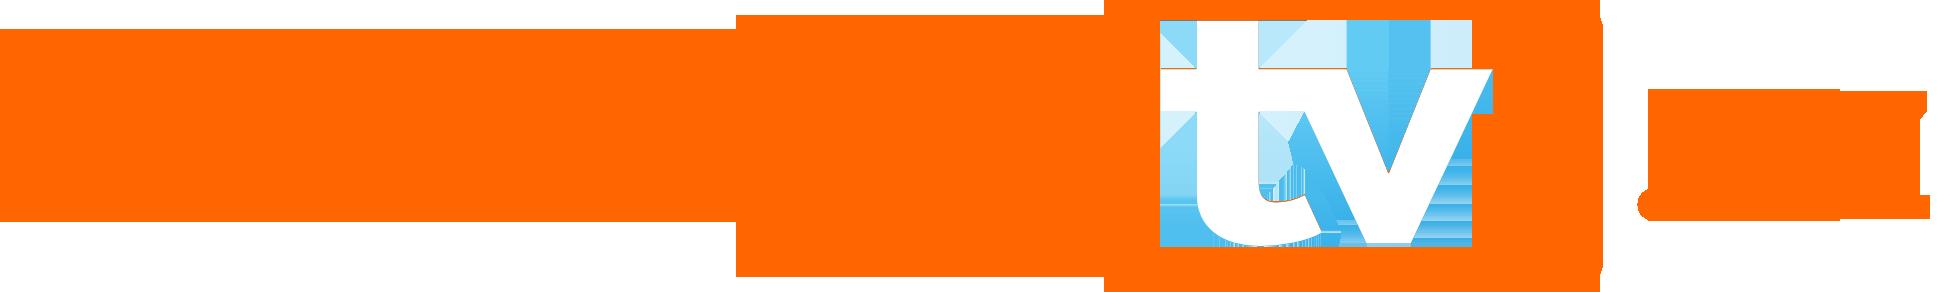 sledovaniTV_2